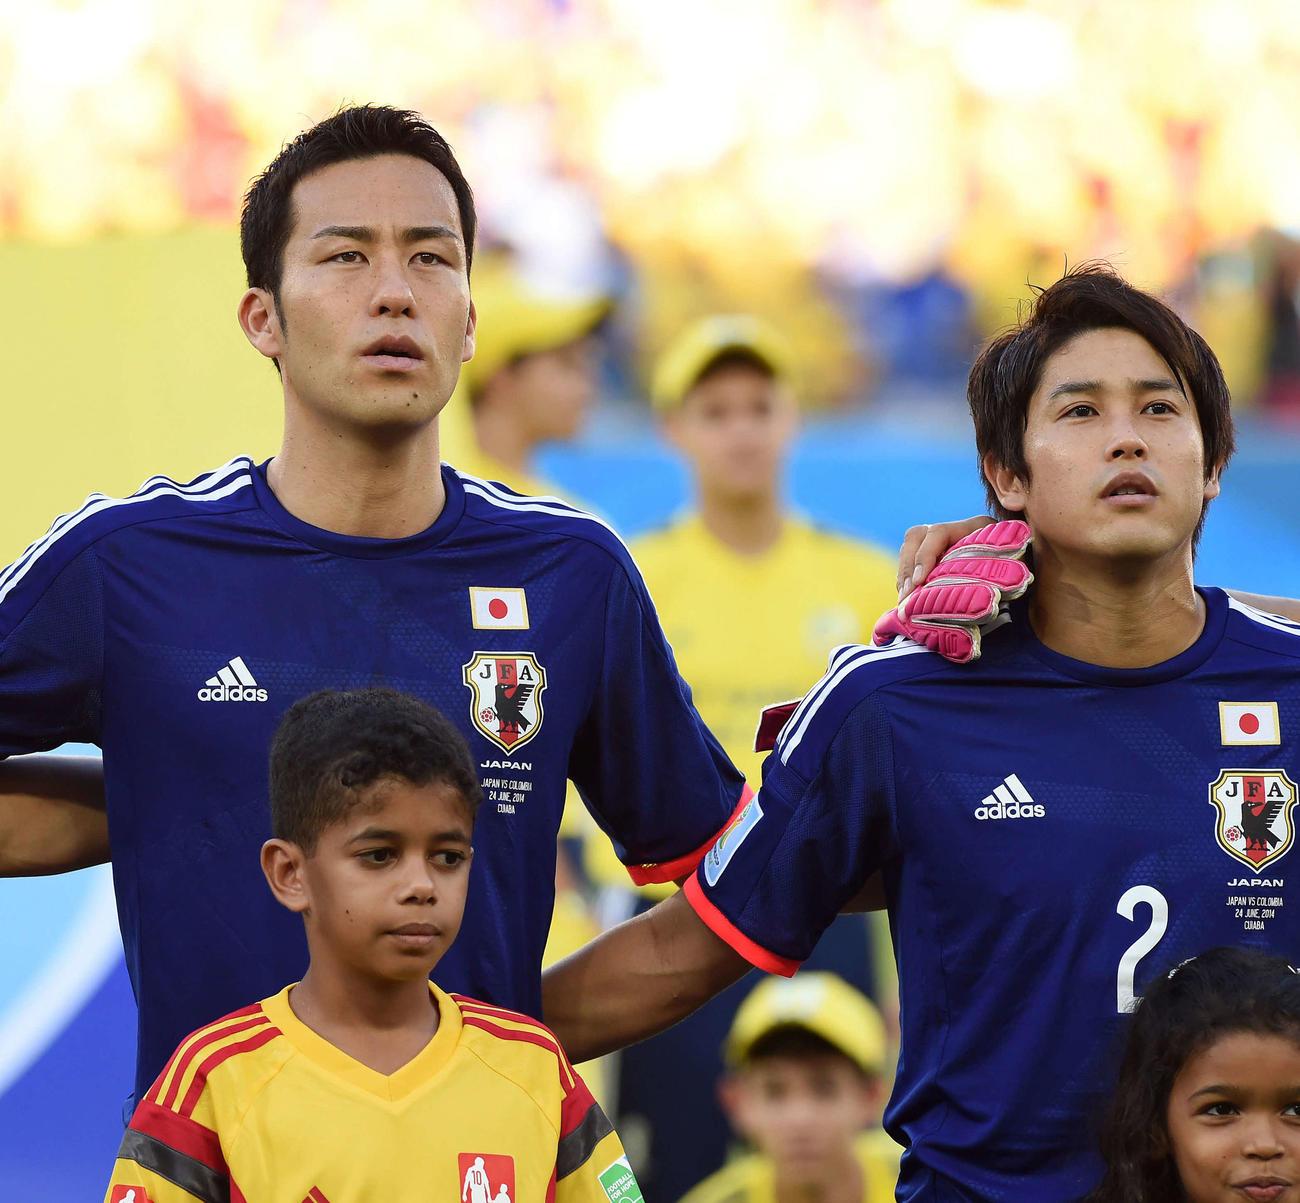 14年6月、W杯ブラジル大会の1次リーグコロンビア戦で、君が代を斉唱する吉田(左)と内田